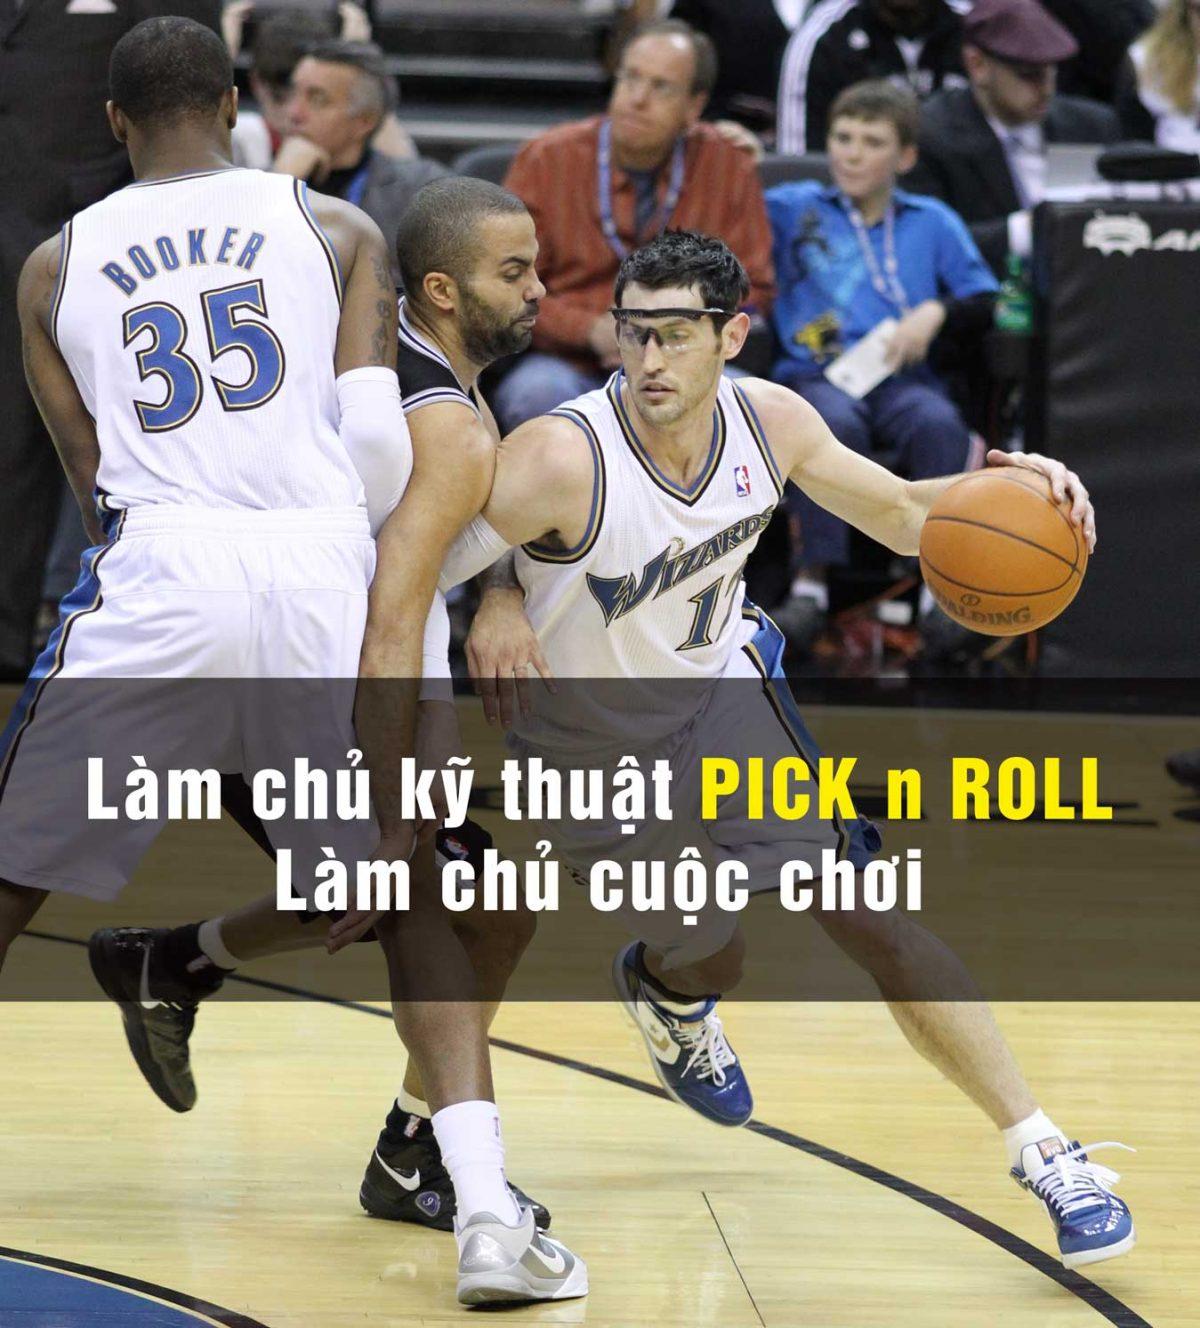 Pick n Roll – Nếu chưa từng nghe đến, có lẽ bạn chưa biết chơi bóng rổ